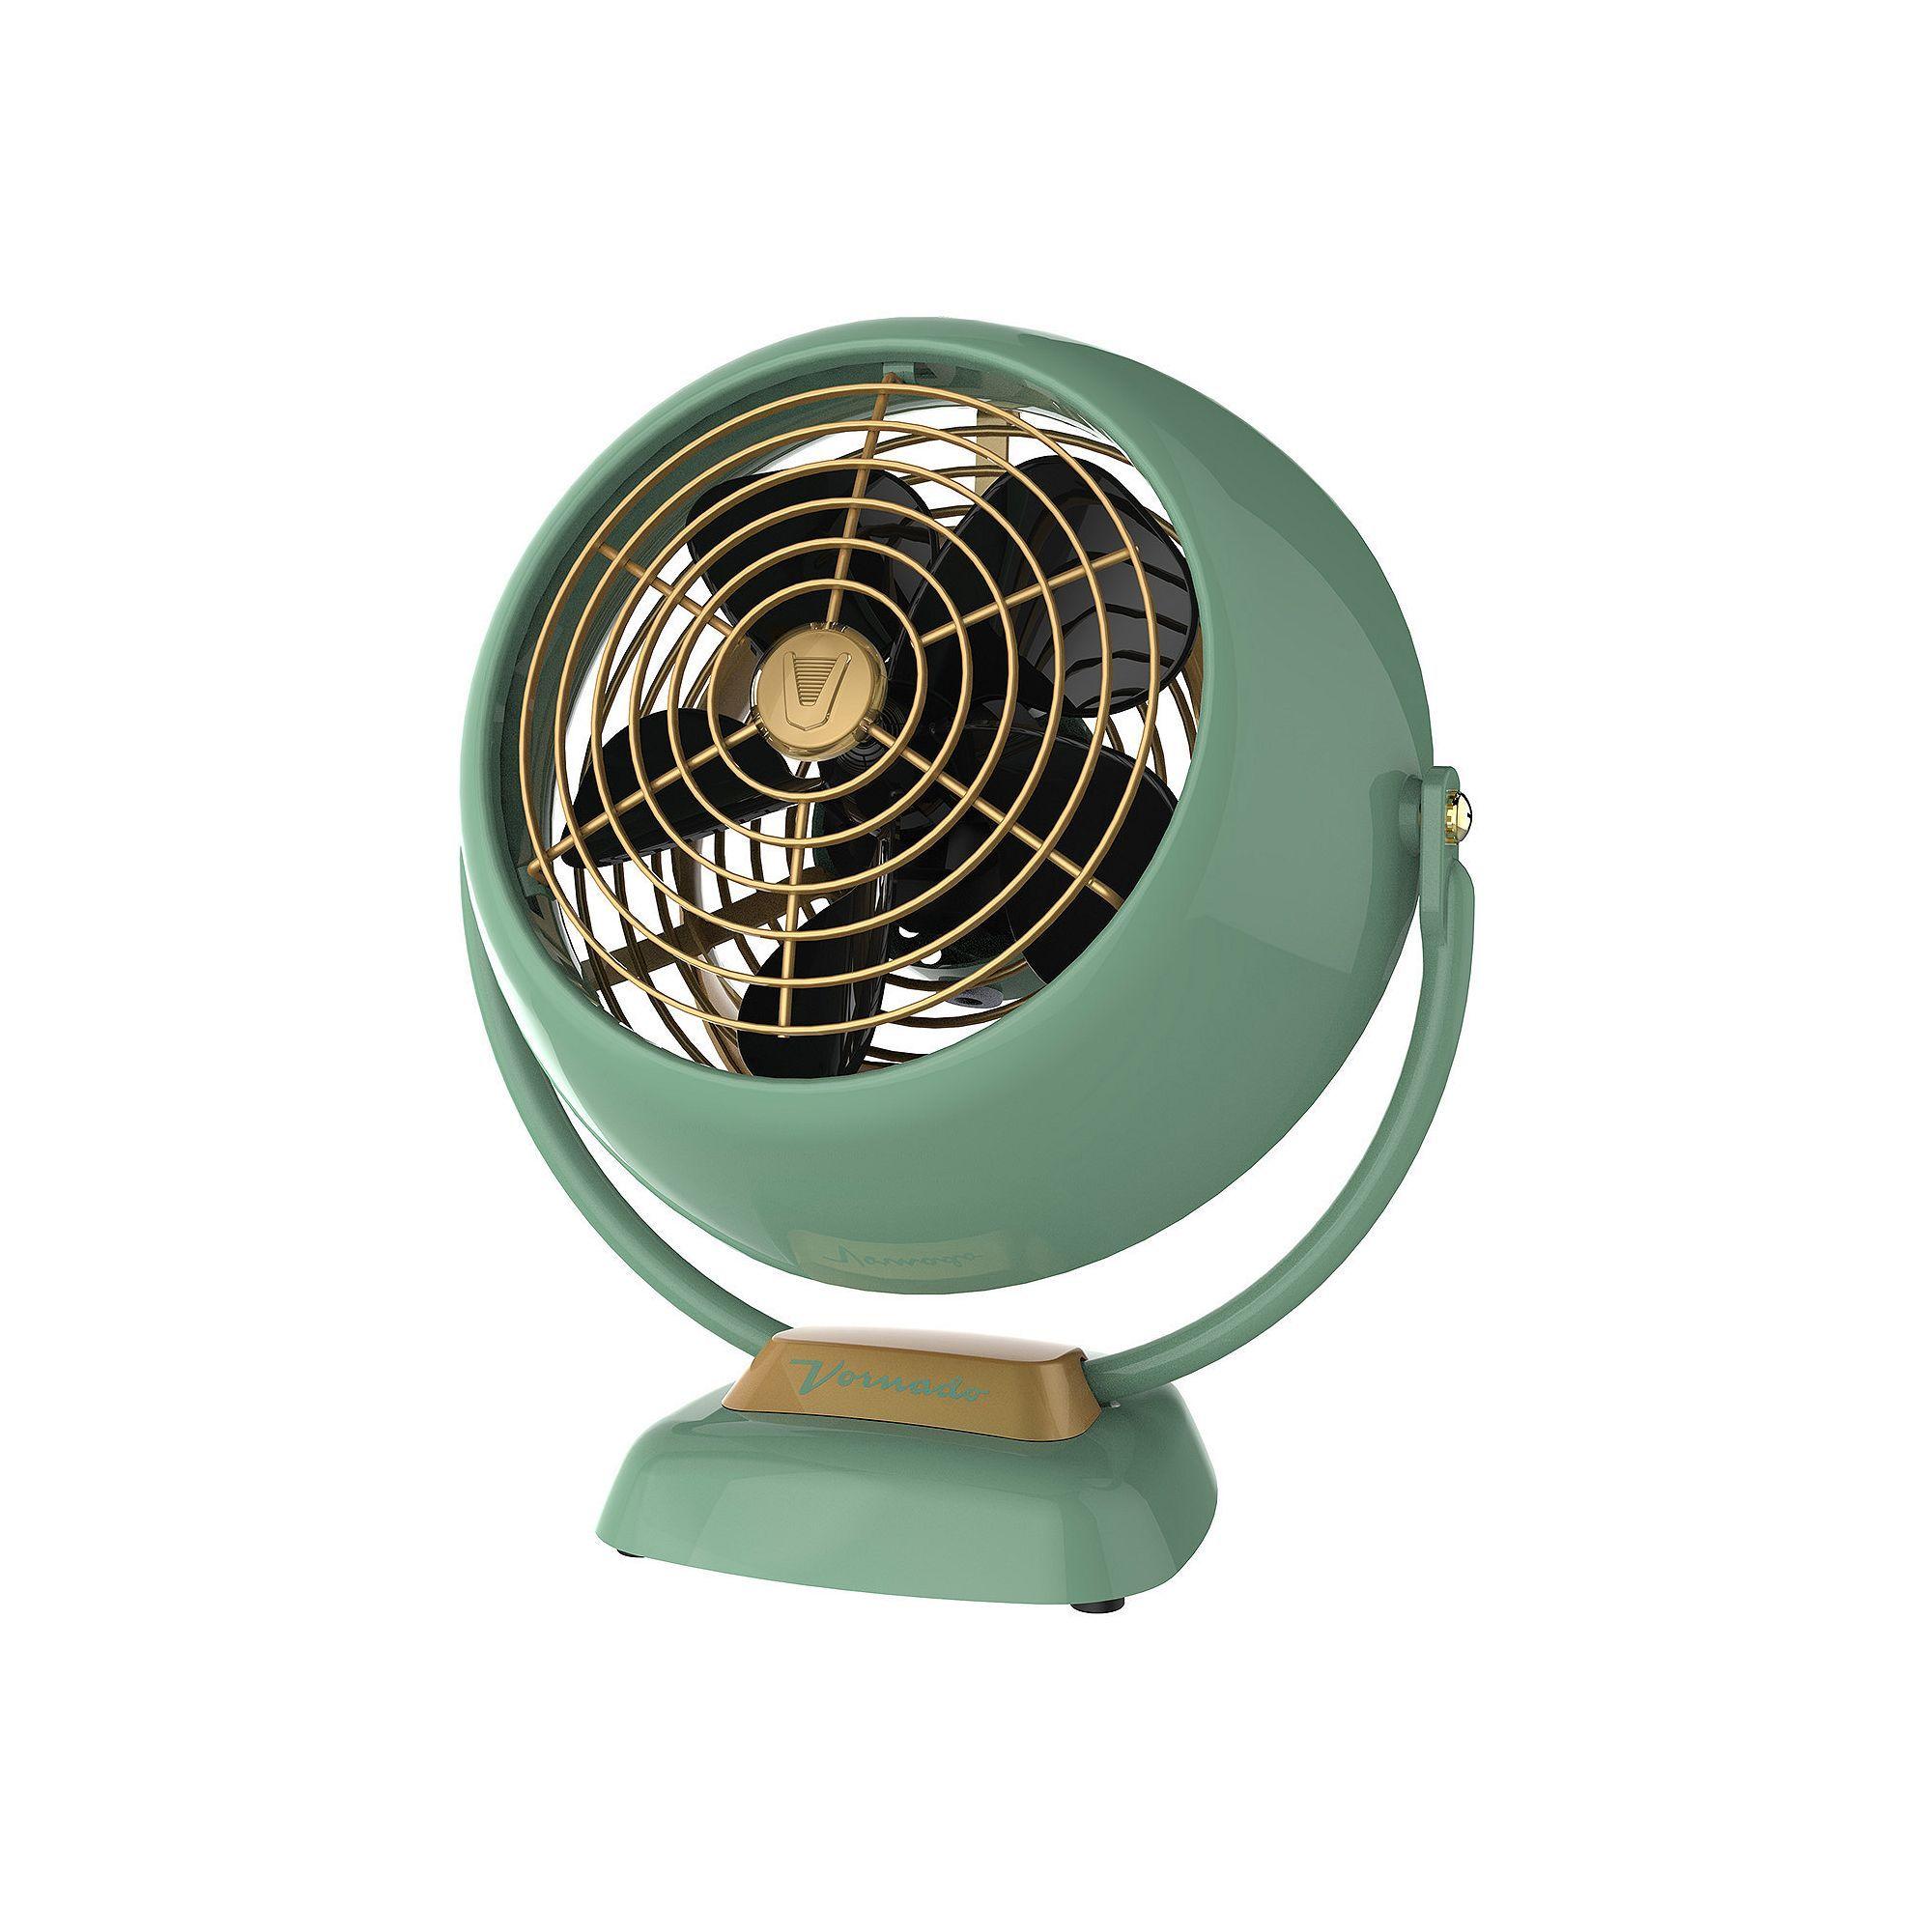 Vornado VFAN Jr. Vintage 6″ Table Fan Vornado – Green